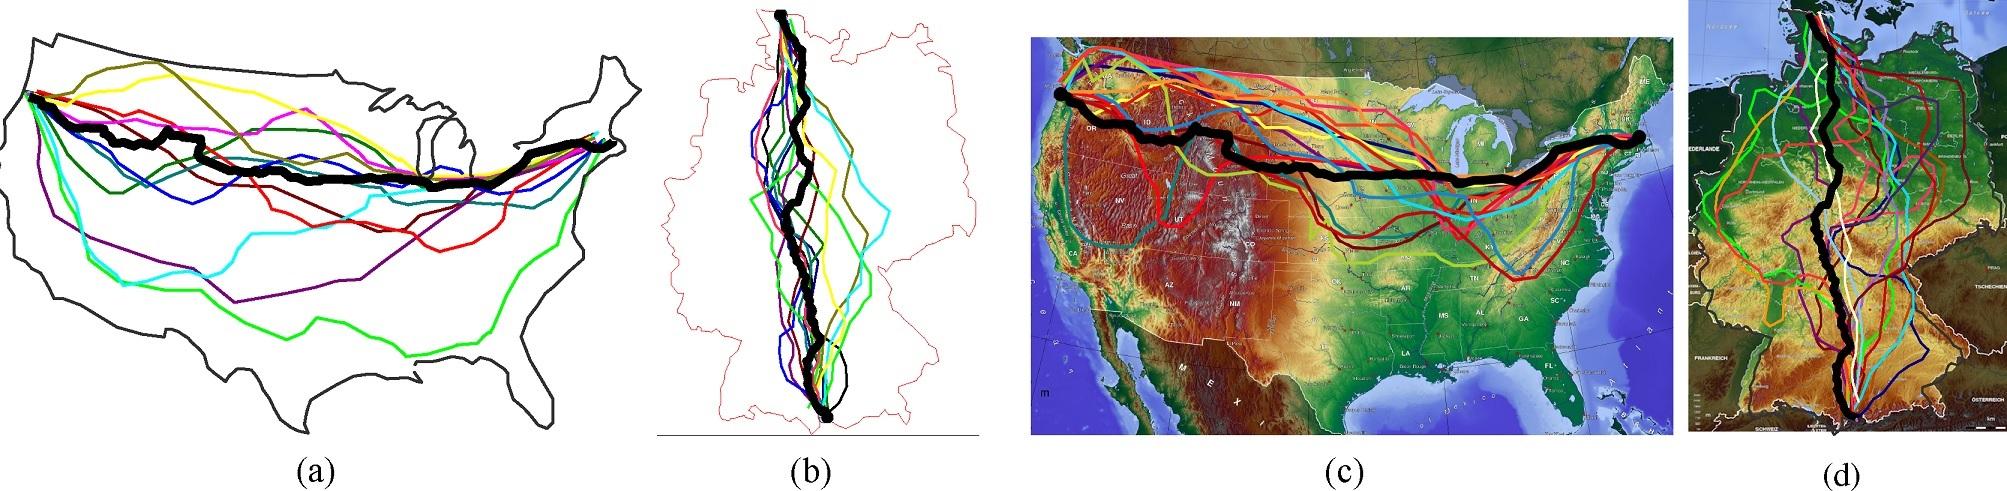 Слизневики - для расчета оптимальных маршрутов и биокомпьютеров будущего